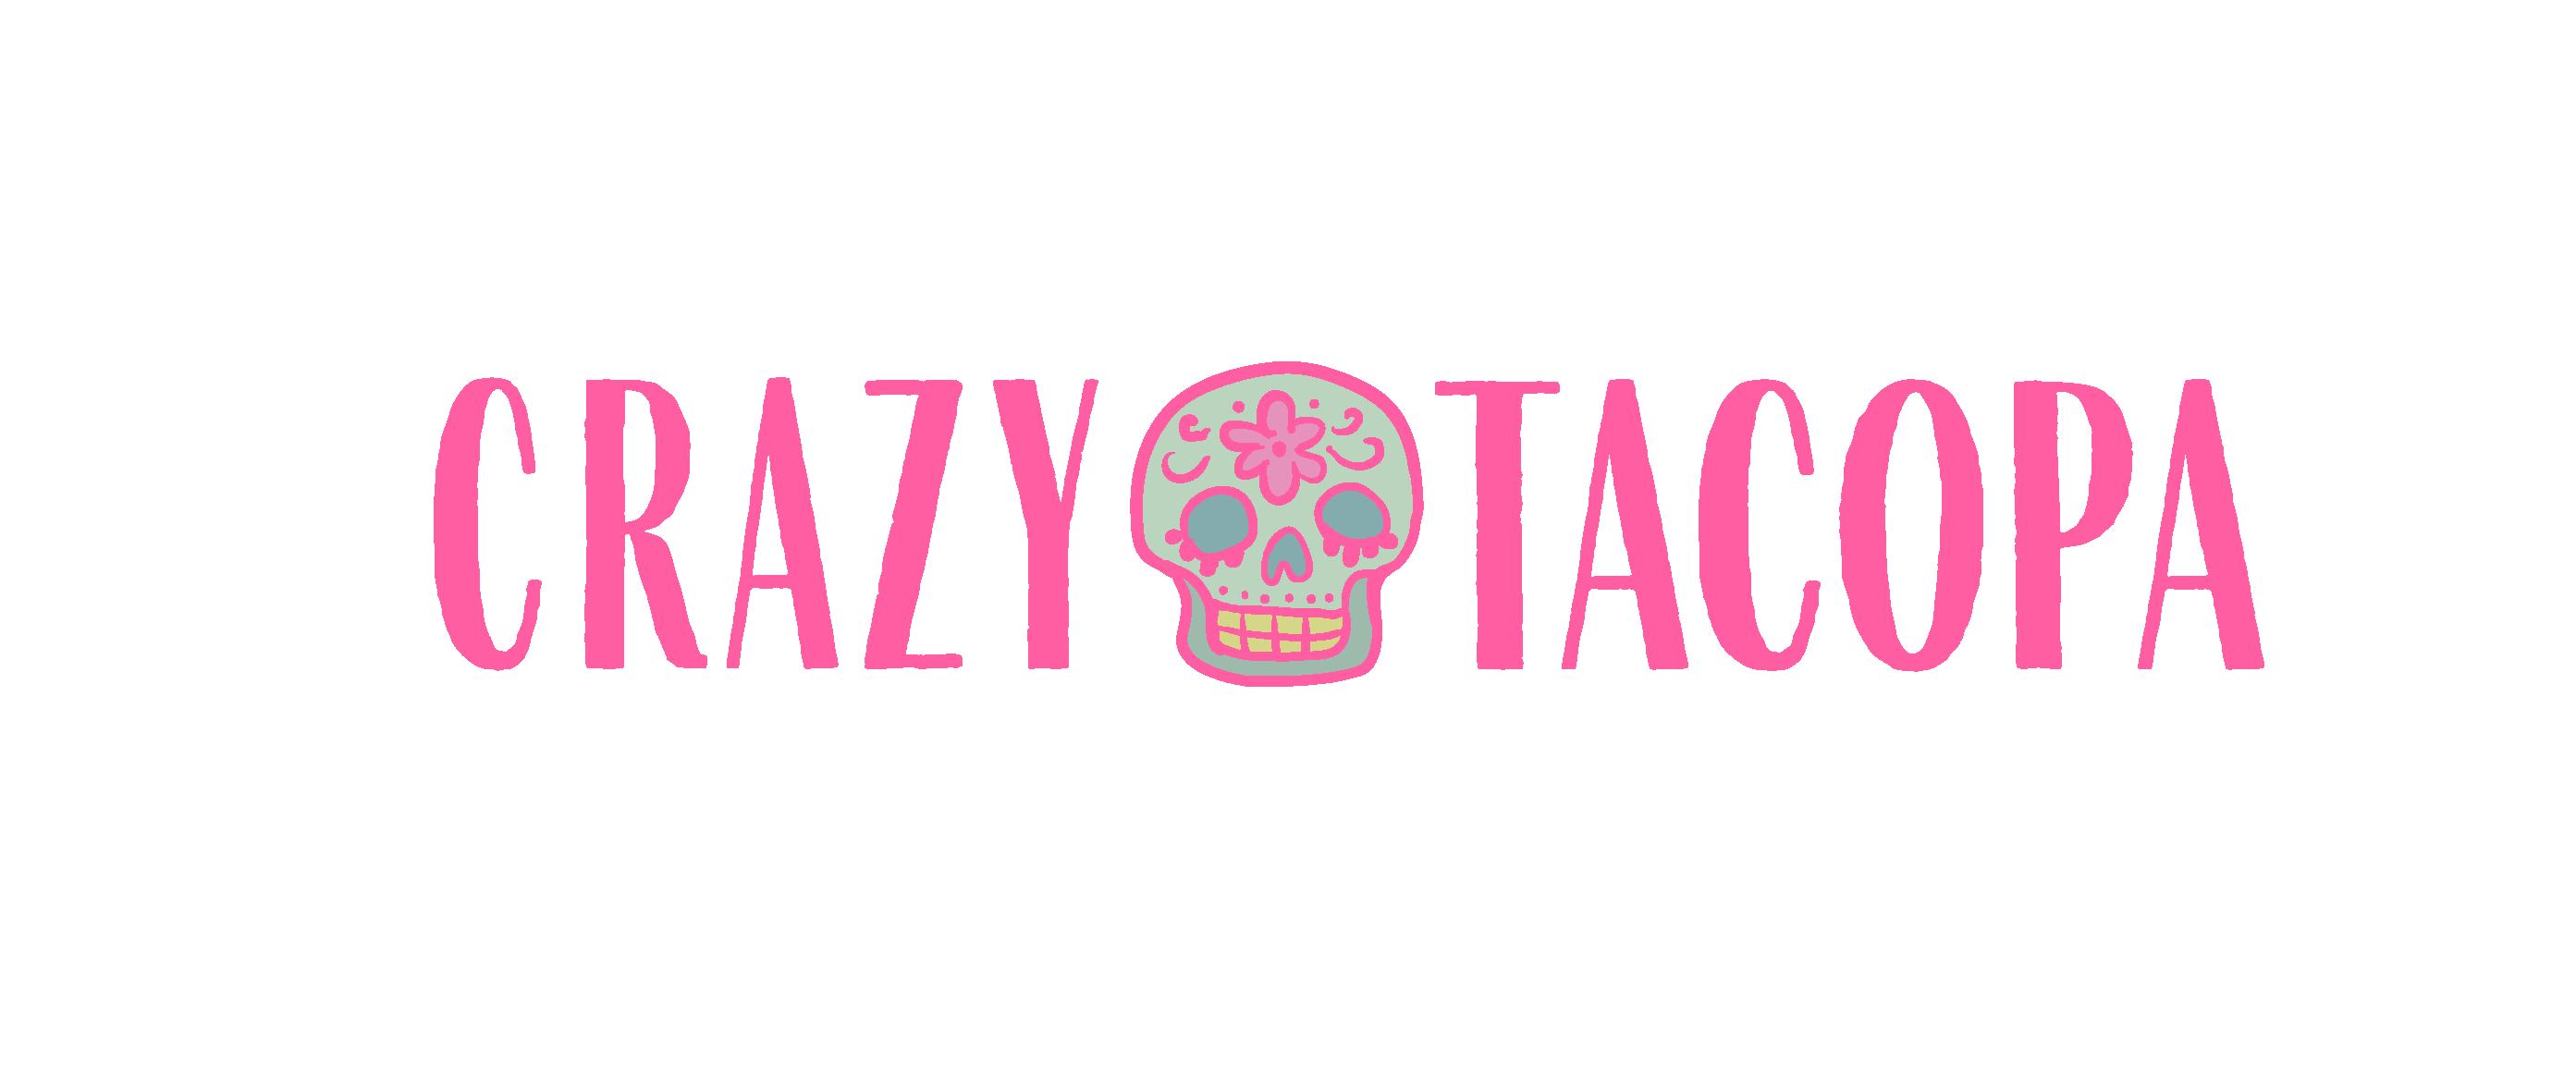 クレイジータコス_logo_pink-04